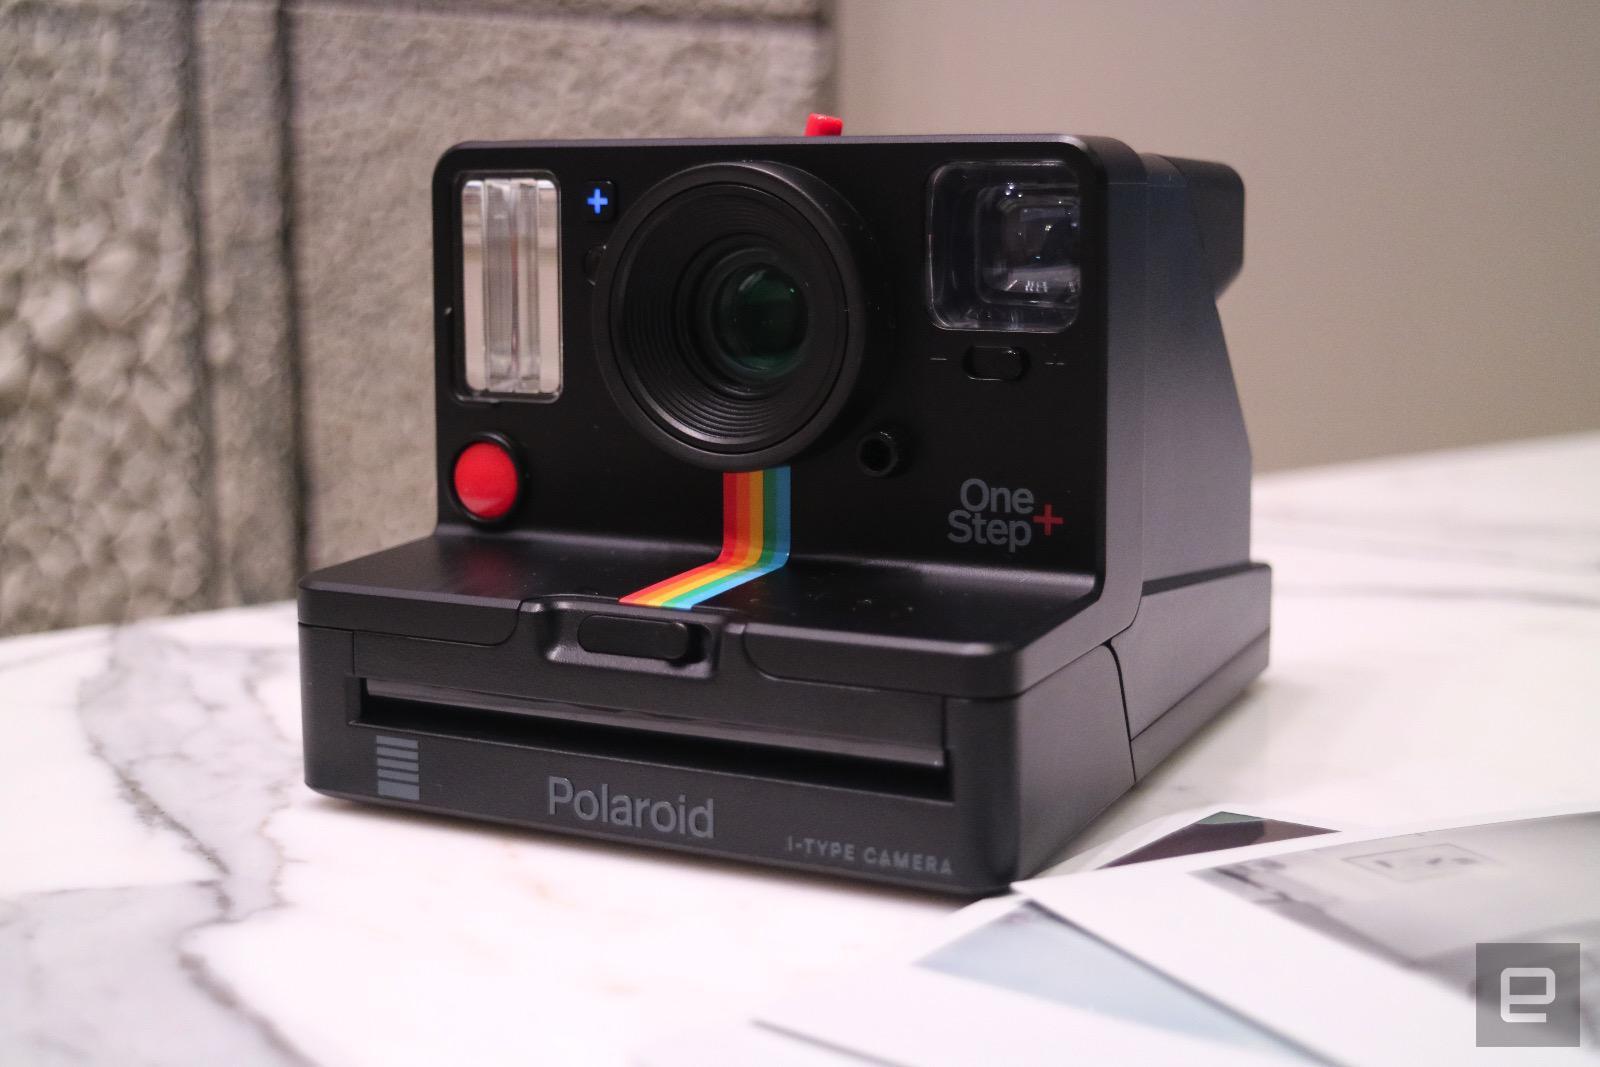 宝丽来推出新款拍立得相机 可远程控制拍摄